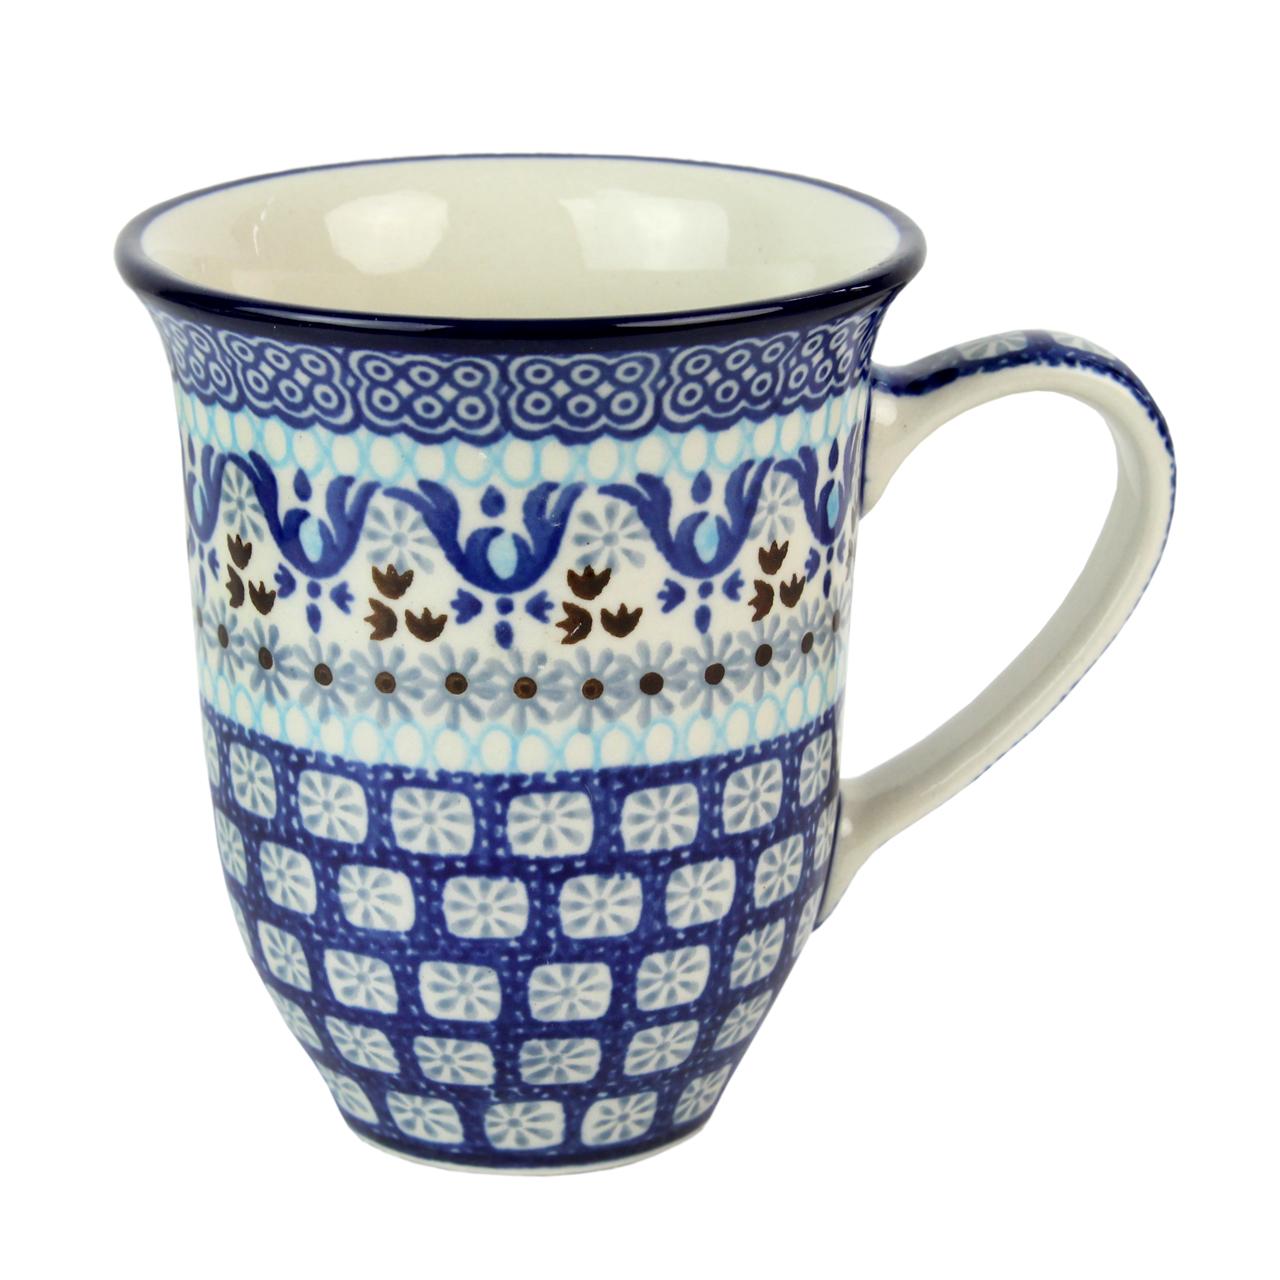 Cana Din Ceramica Crem Cu Flori Gri 12 Cm